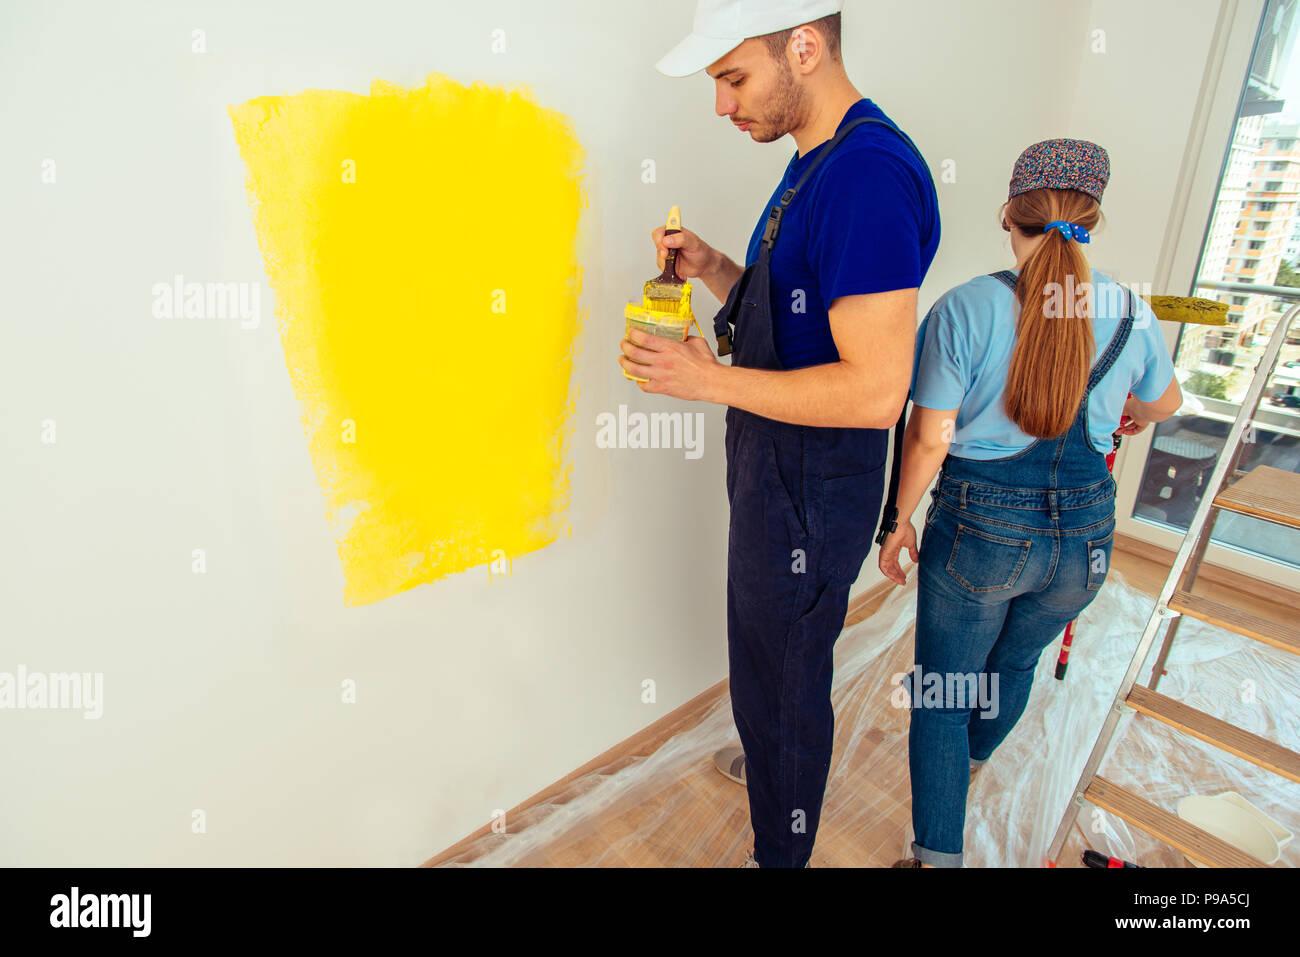 Jeune Couple En Salopette De Travail Mur Peinture En Jaune